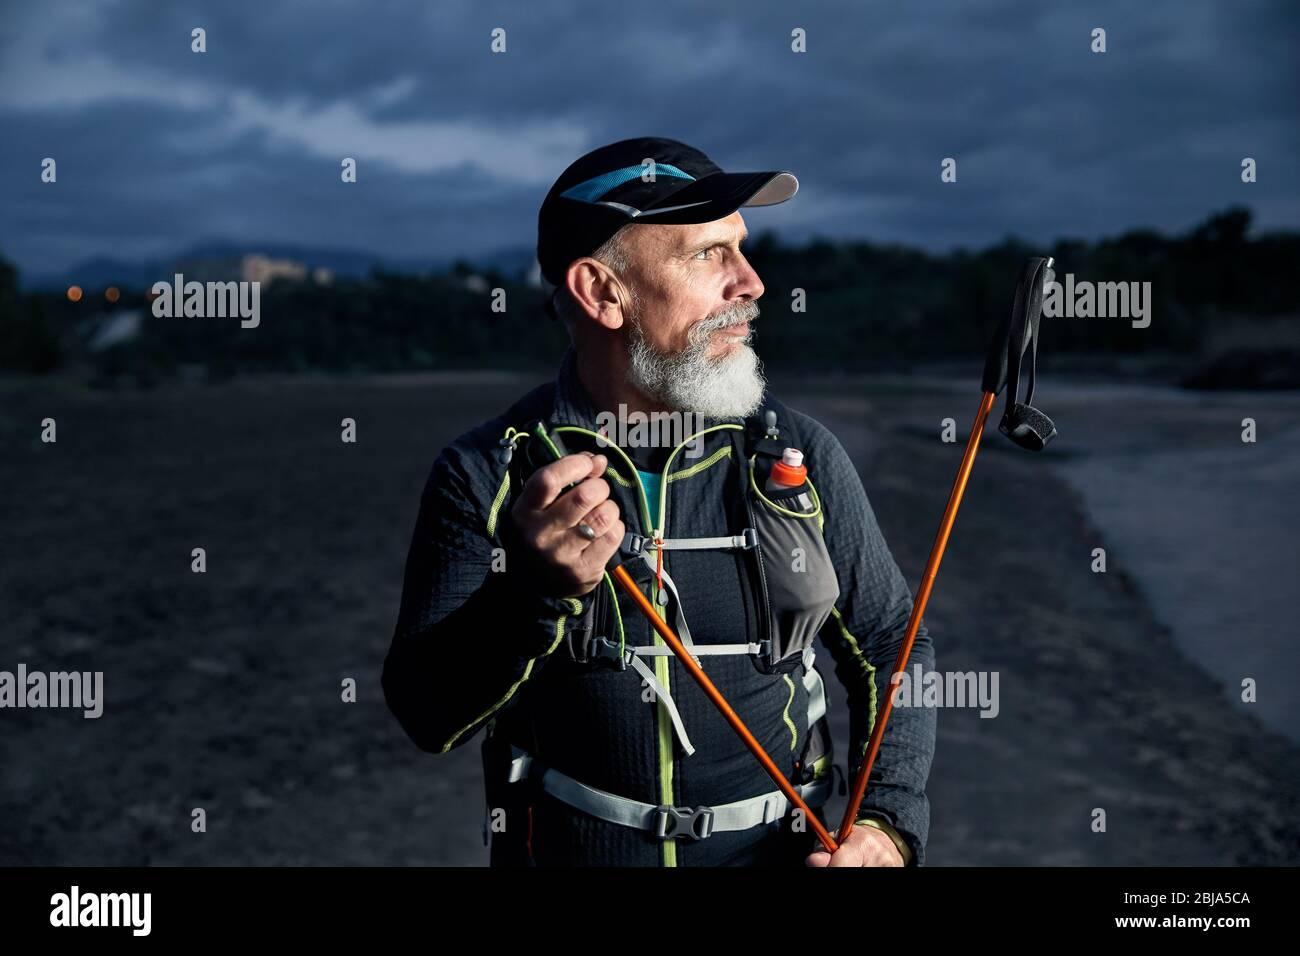 Portrait de l'athlète âgée homme à barbe grise et de bâtons de marche au fond de ciel nuageux sombre Banque D'Images